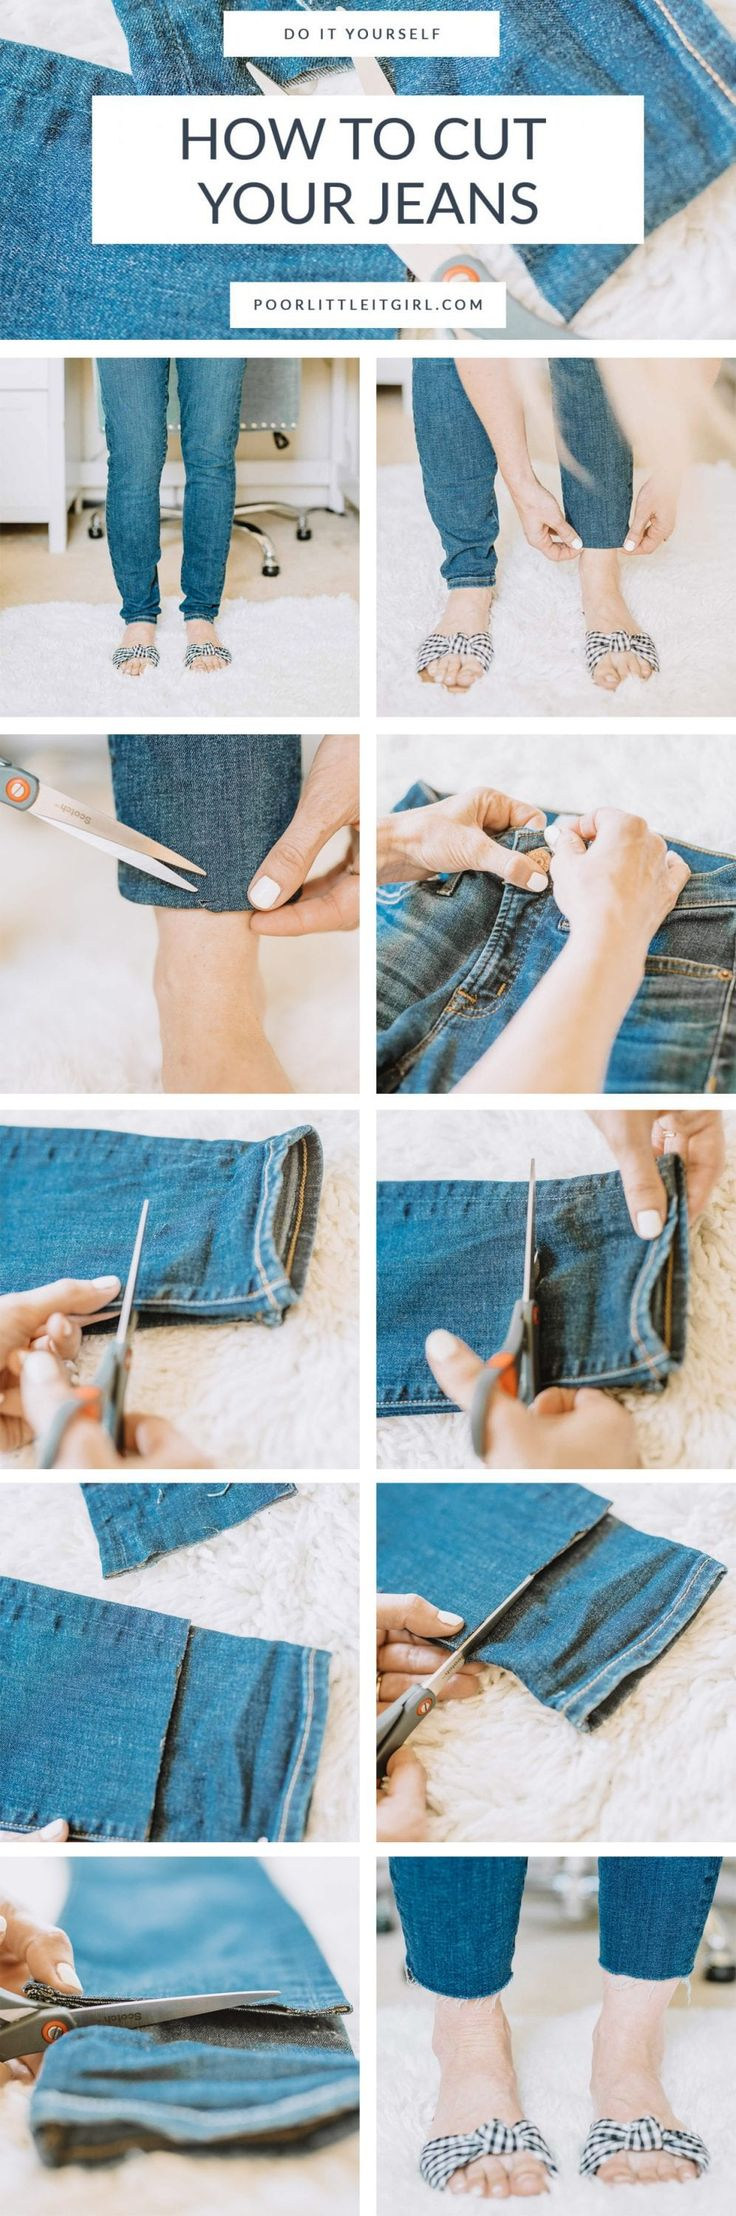 Как правильно подшить джинсы вручную без машинки